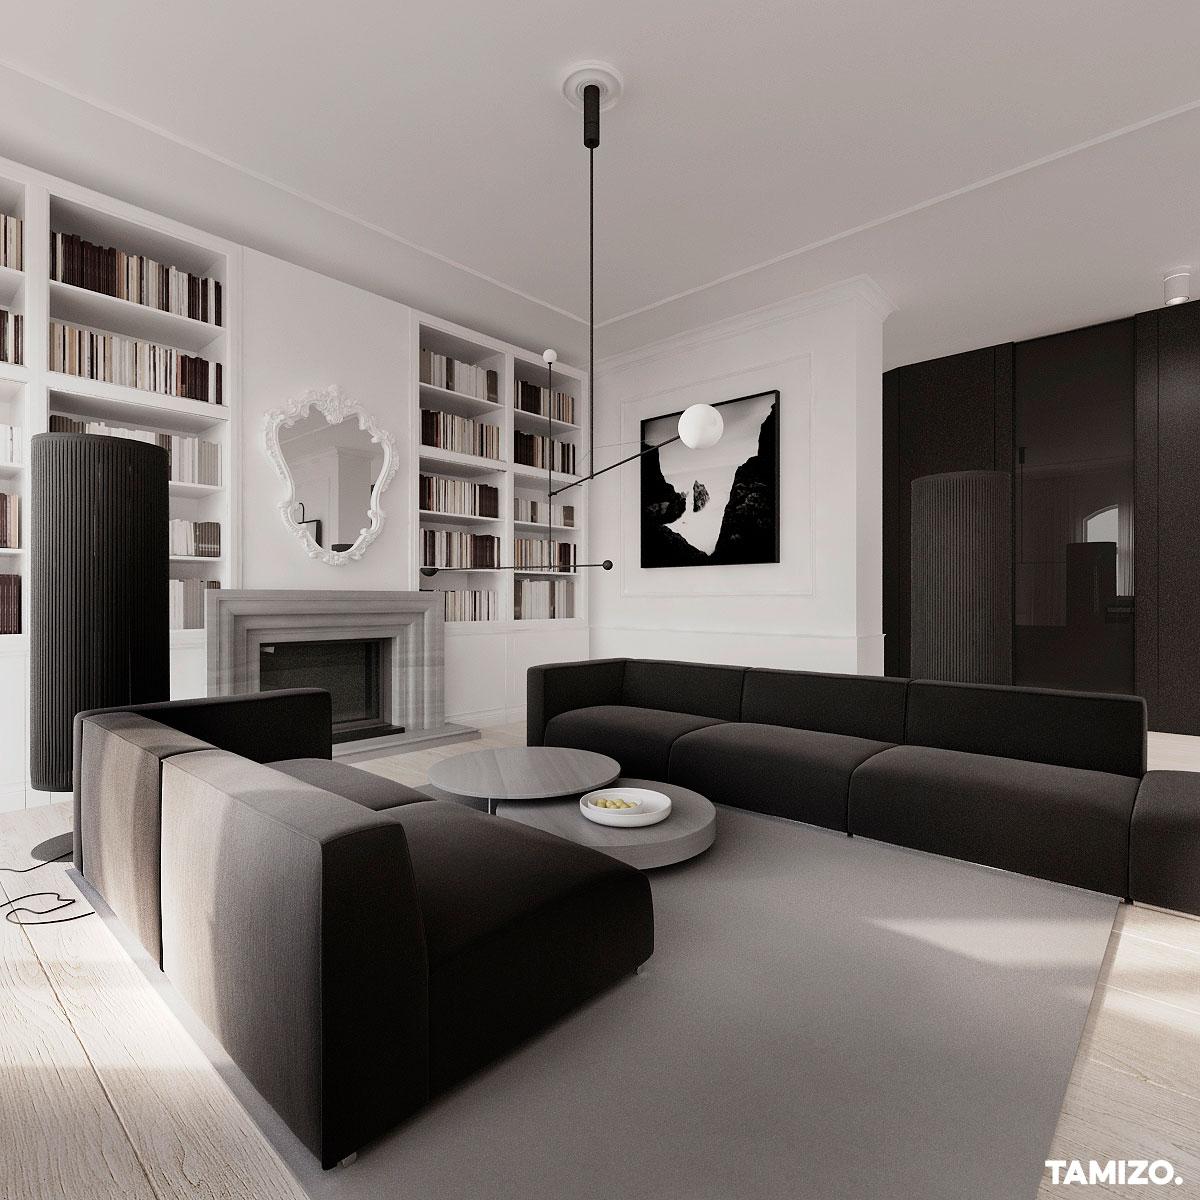 I057_tamizo_architekci_projekt-wnetrz-stara-kamienica-wnetrze-klasyczne-minimalizm-warszawa-05